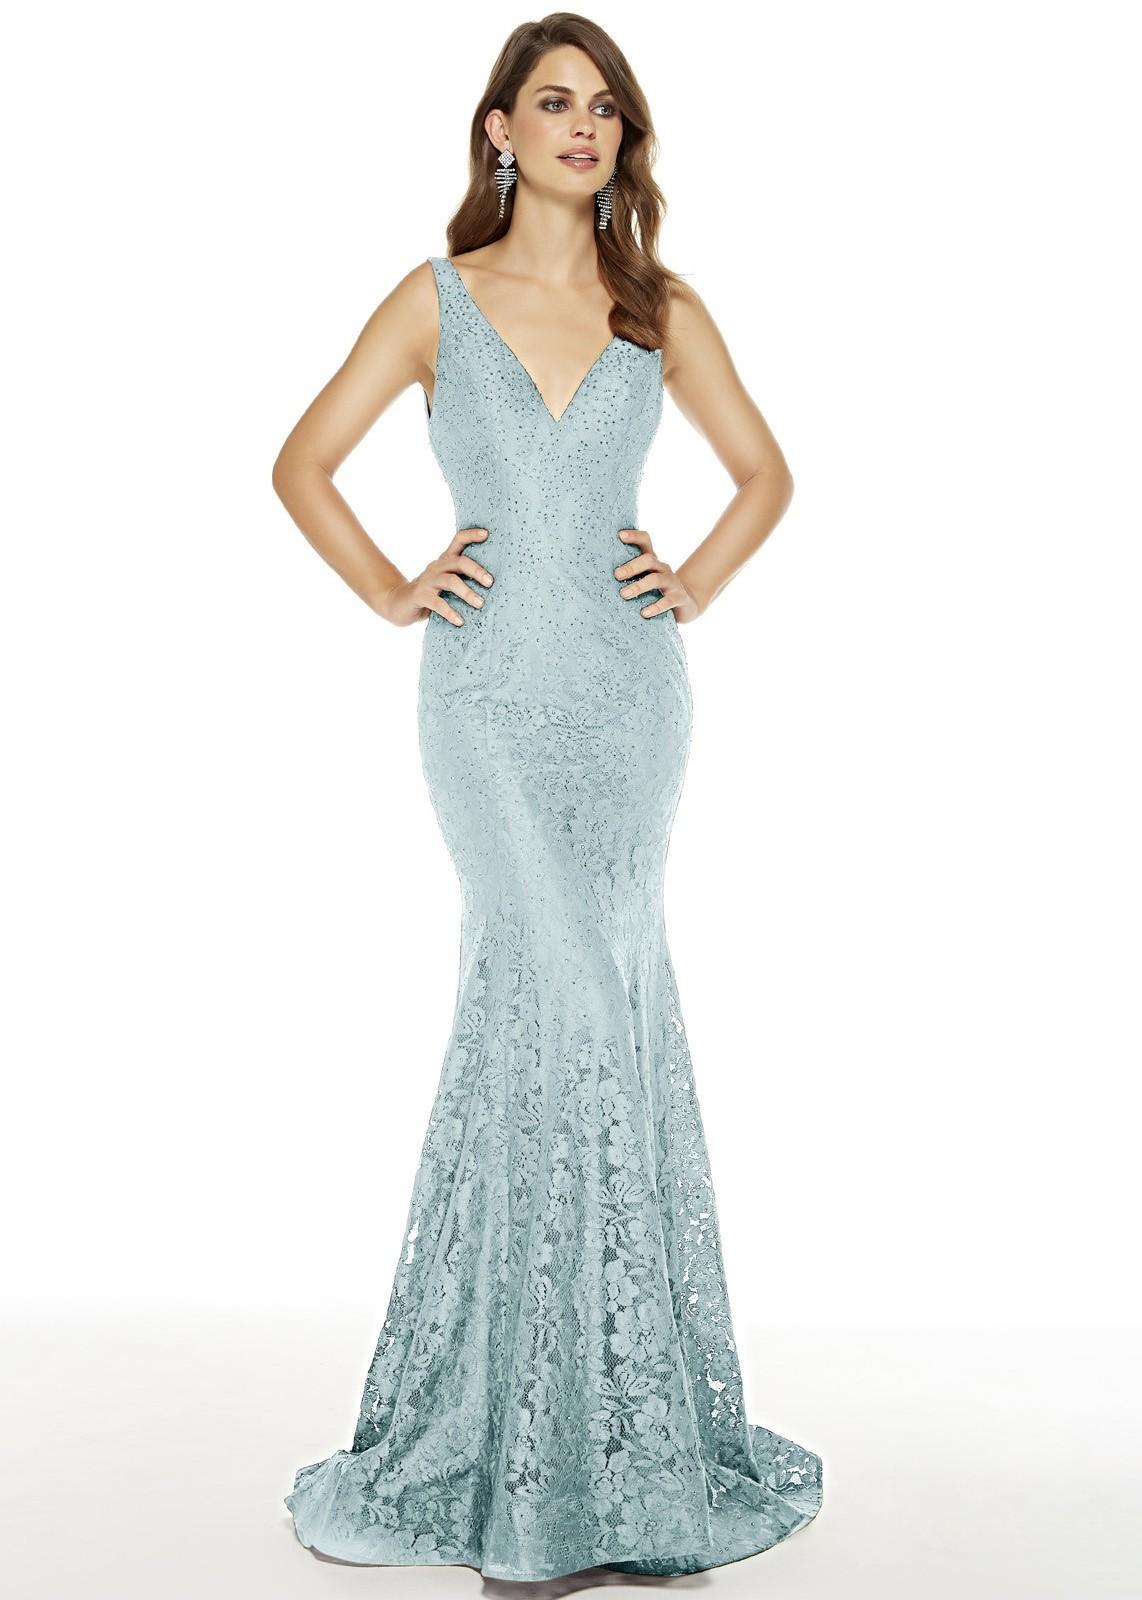 Alyce 60654 Stretch Lace V-Neck Dress